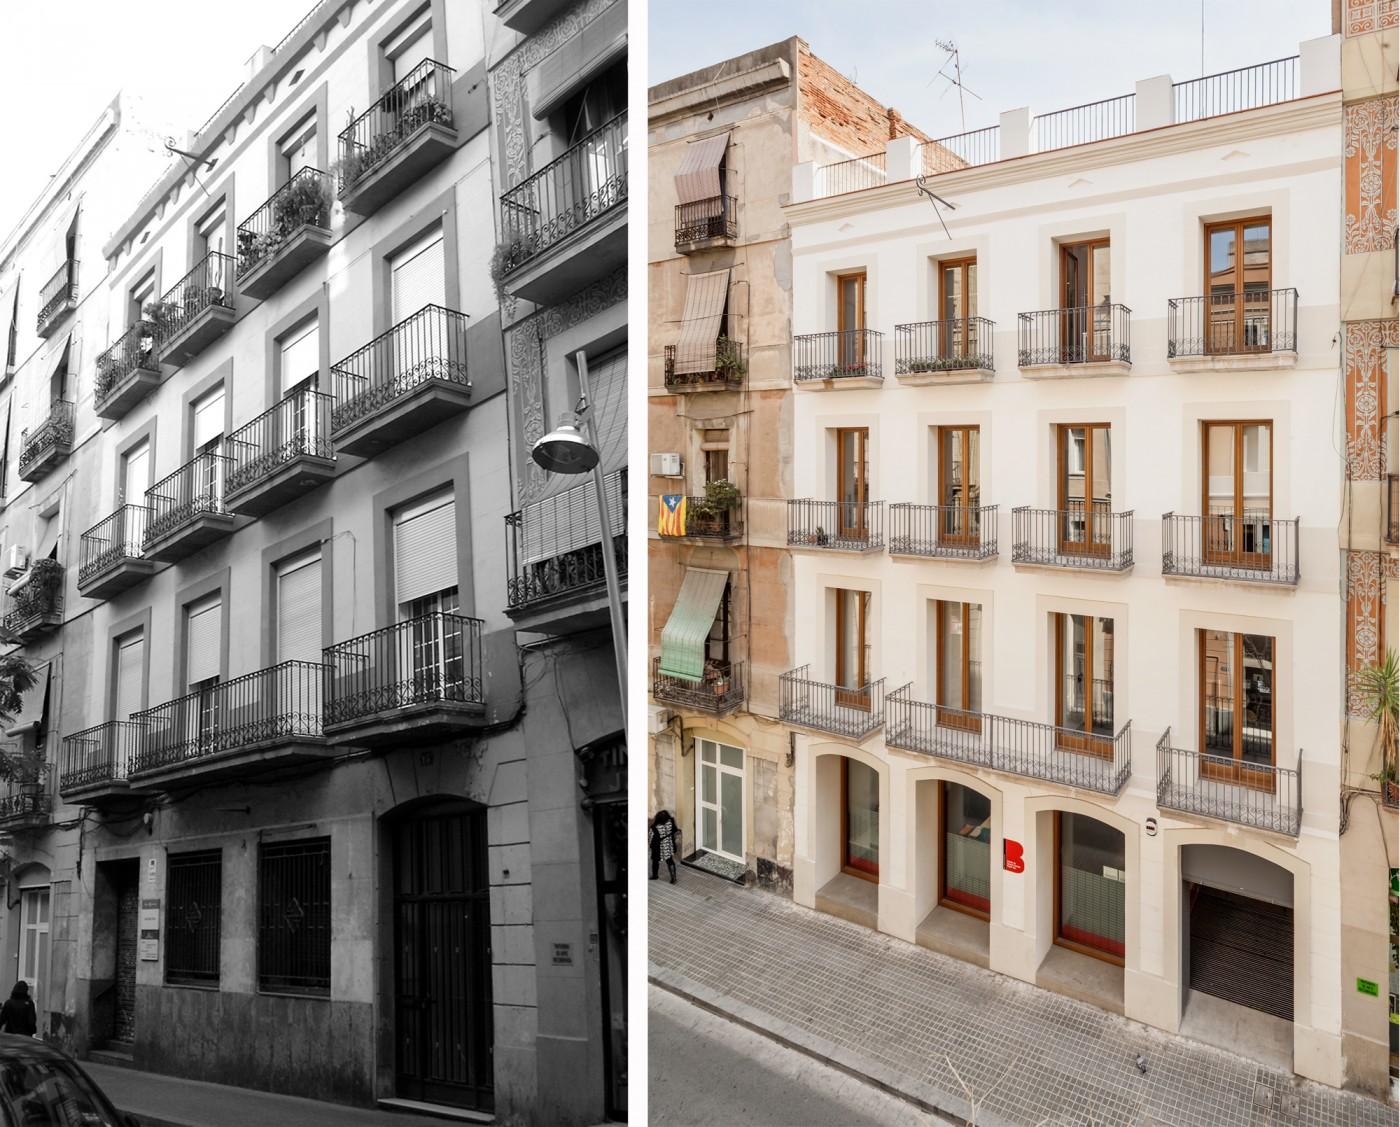 Carrer Roser, Pobles Sec, Barcelona